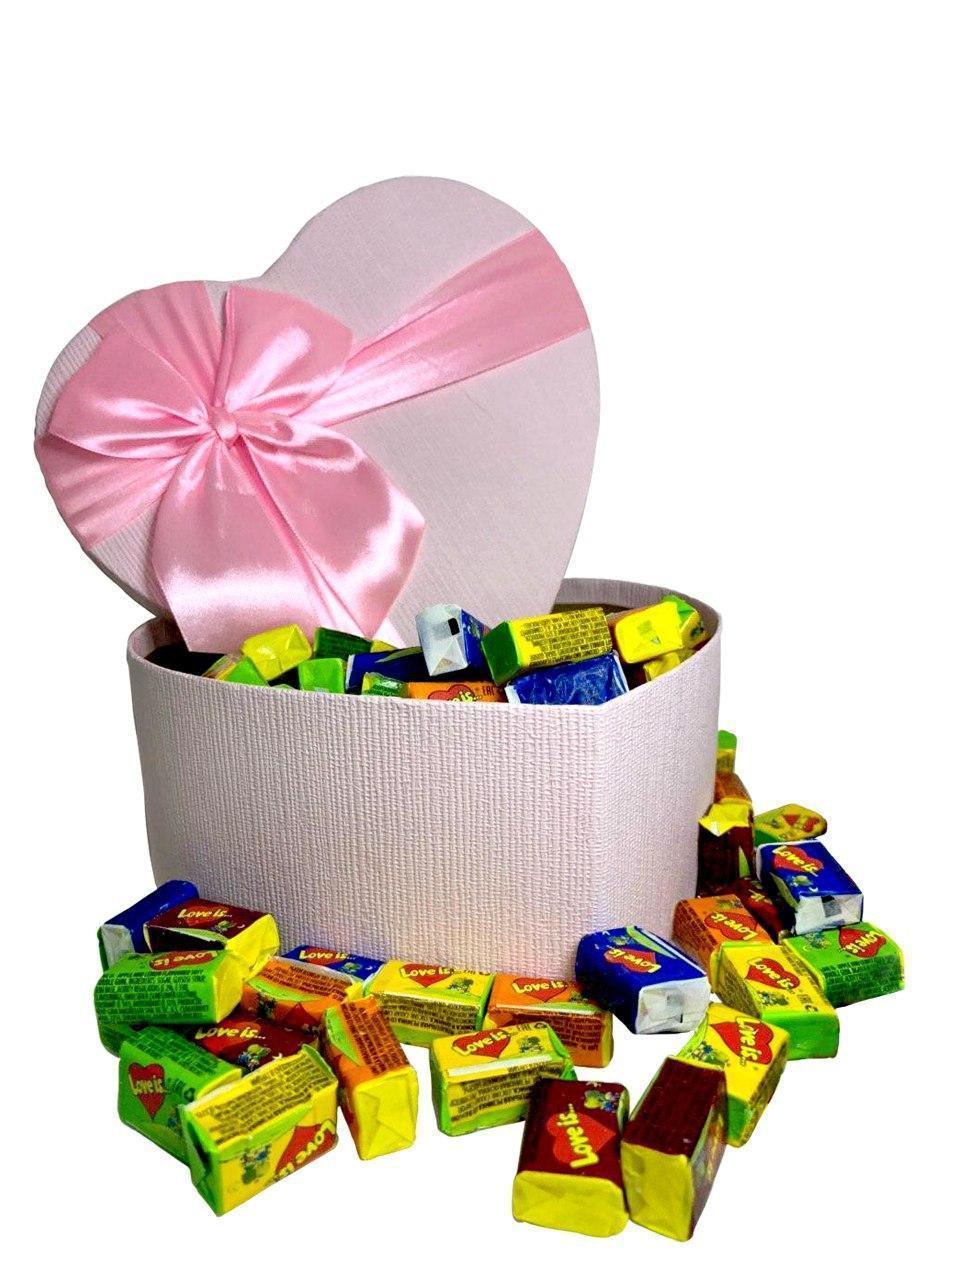 Купить Жевательная жвачка Love is, жвачки лове ис ассорти в подарочной упаковке 150 шт розовая коробочка